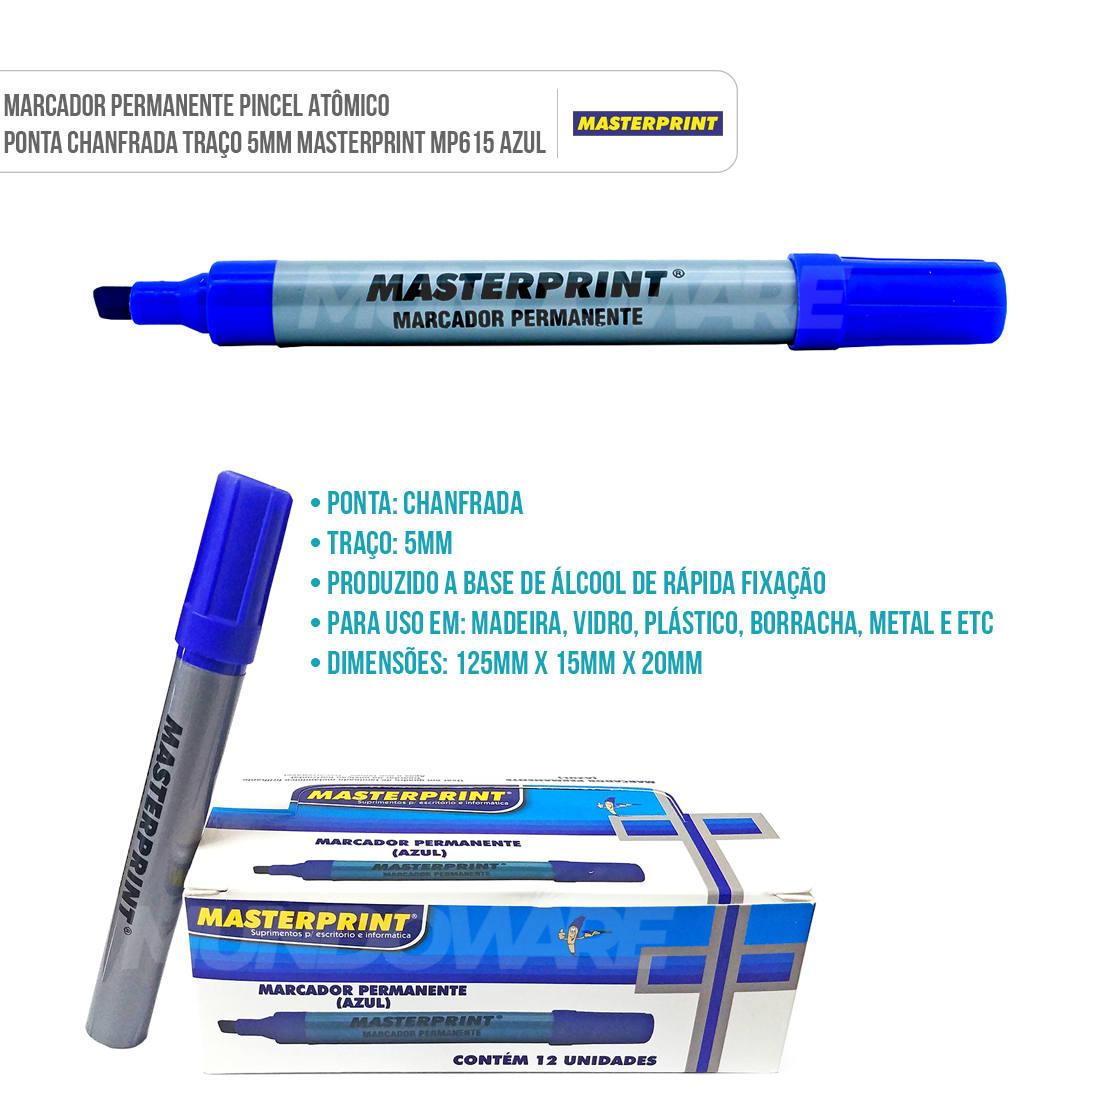 Marcador Permanente Pincel Atômico Ponta Chanfrada Traço 5mm Masterprint MP615 Azul